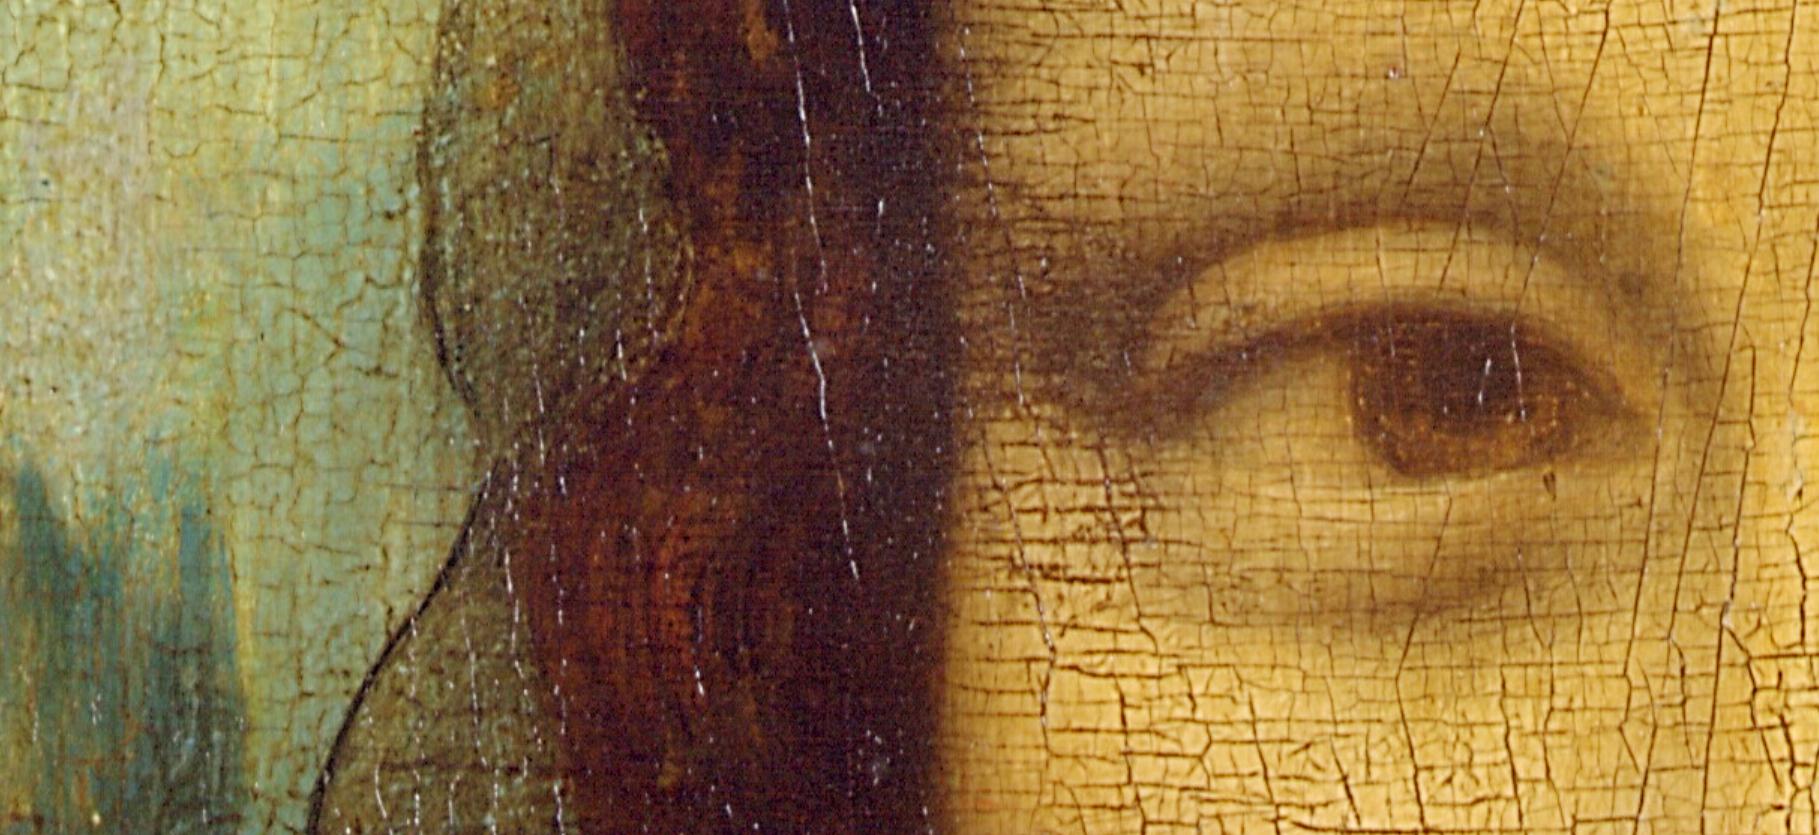 wikimedia_mona_lisa_eye_detail.png